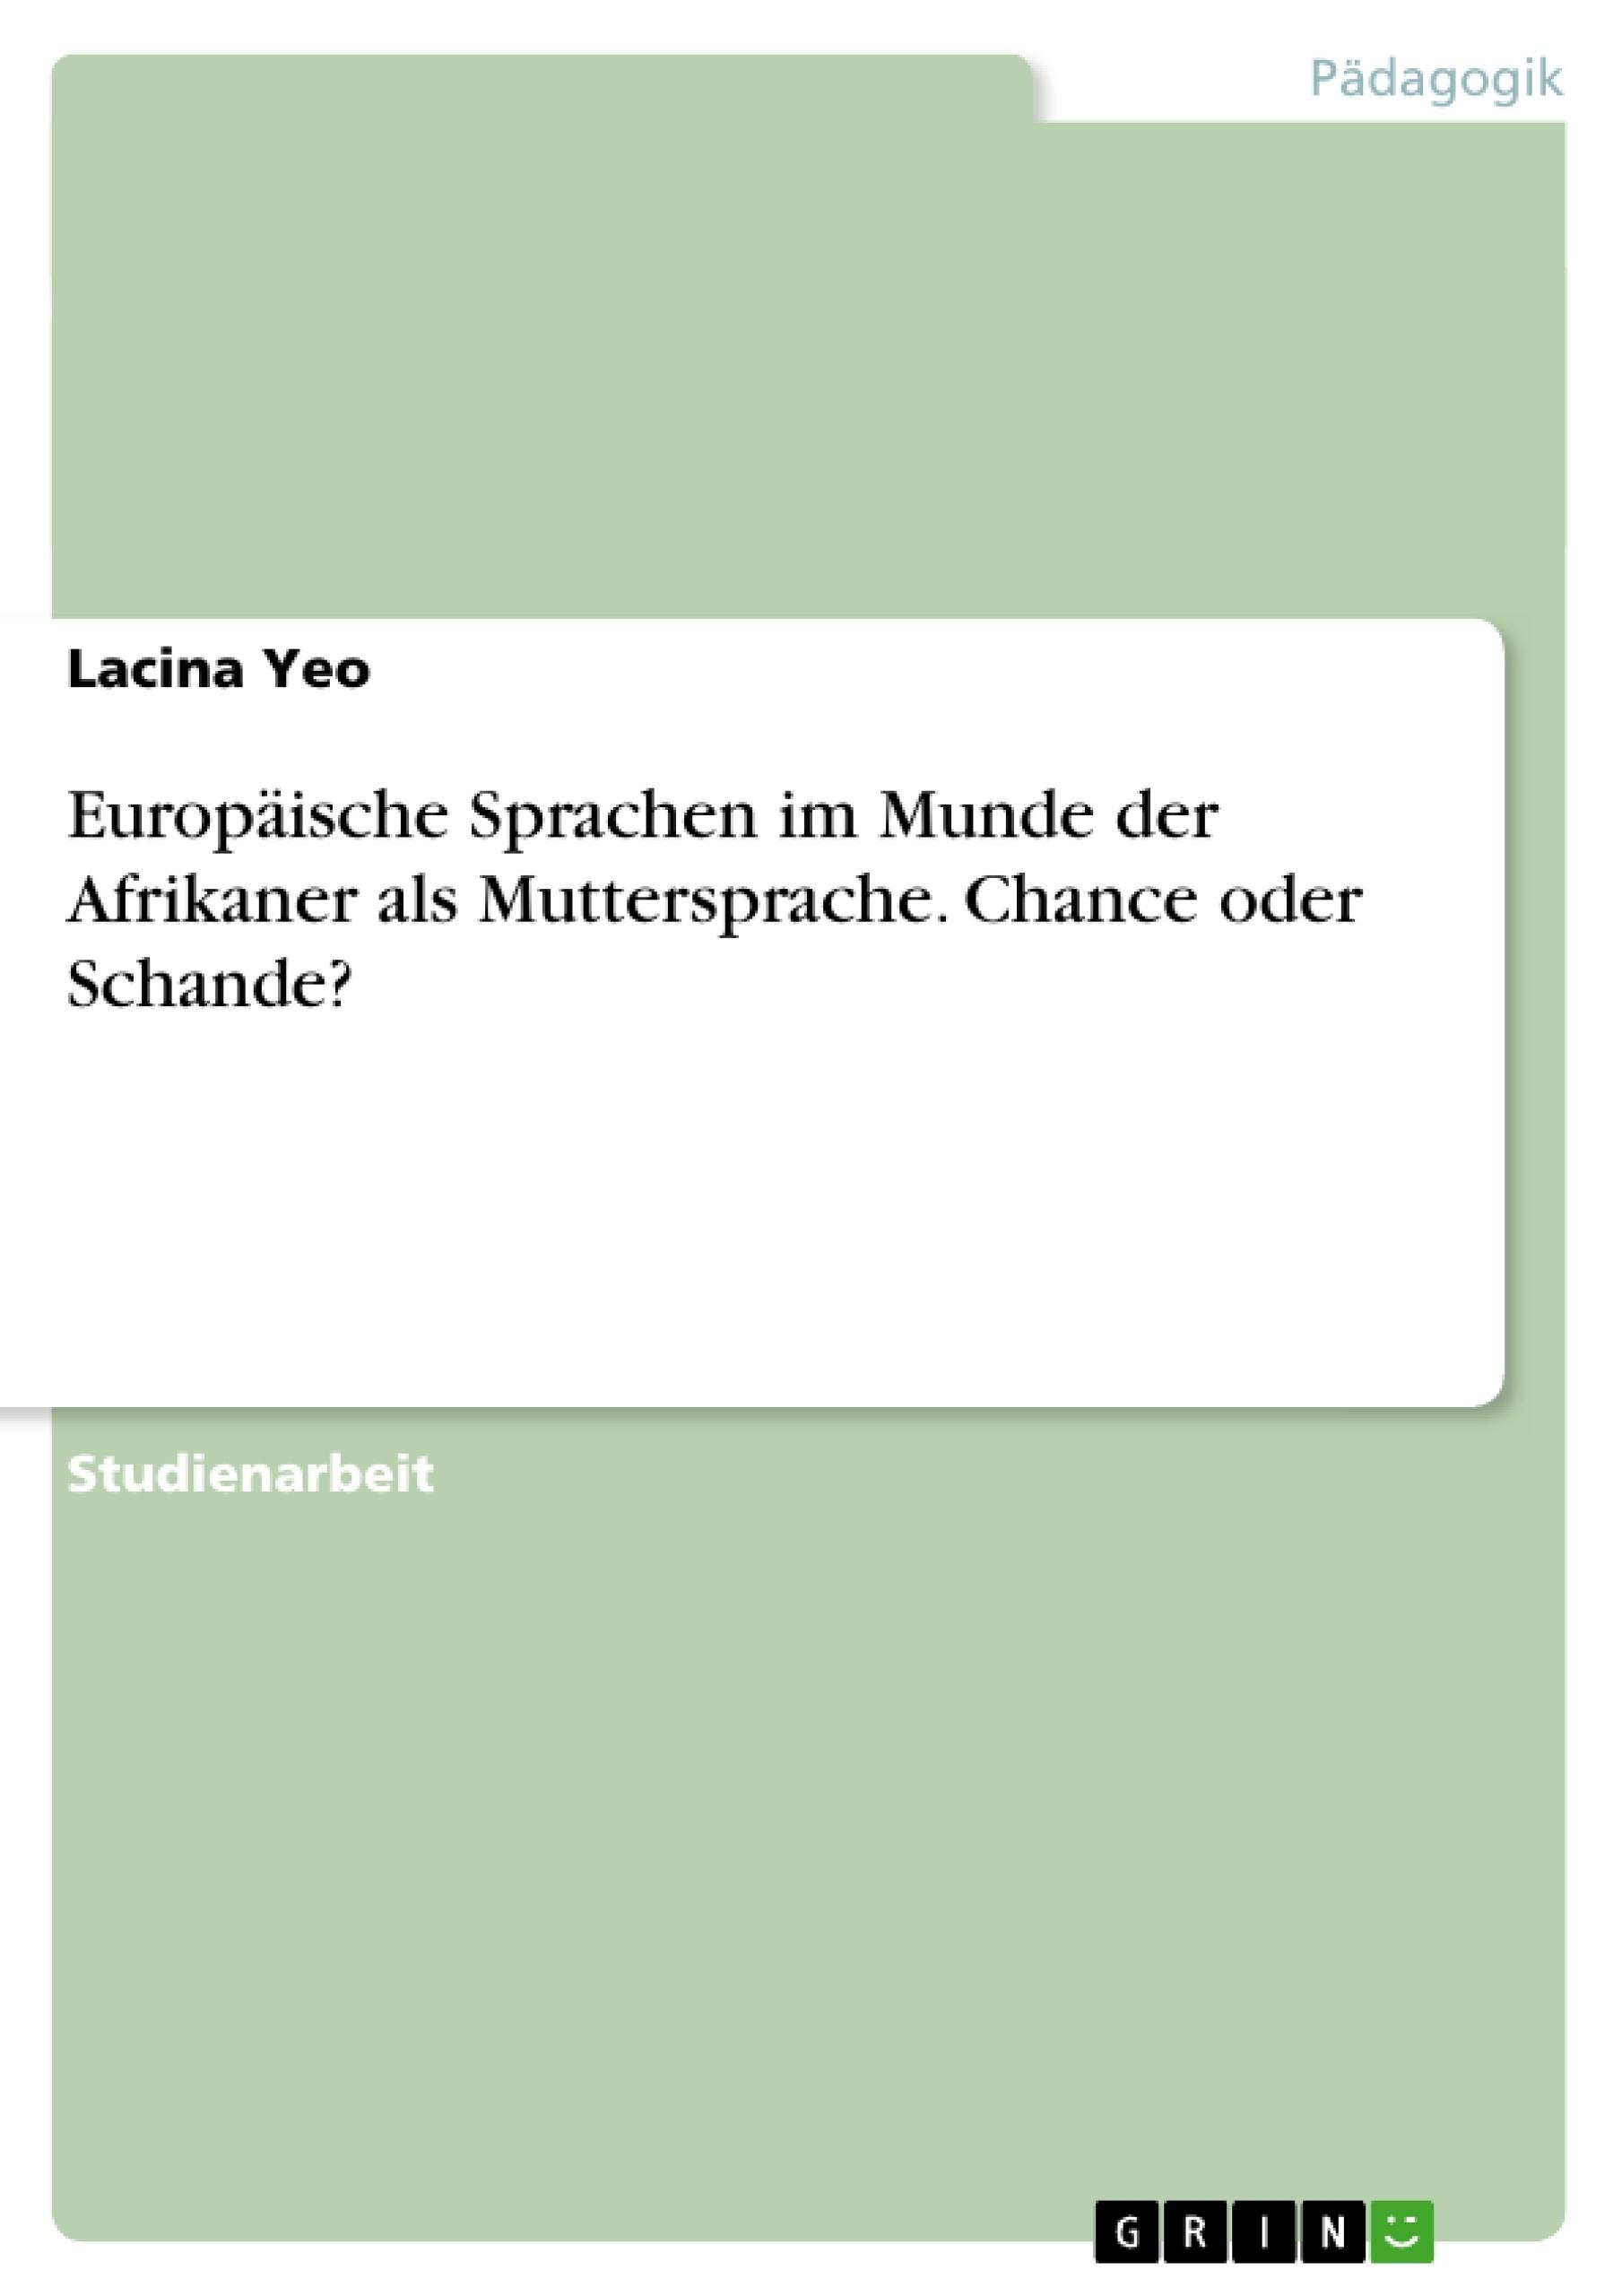 Titel: Europäische Sprachen im Munde der Afrikaner als Muttersprache. Chance oder Schande?